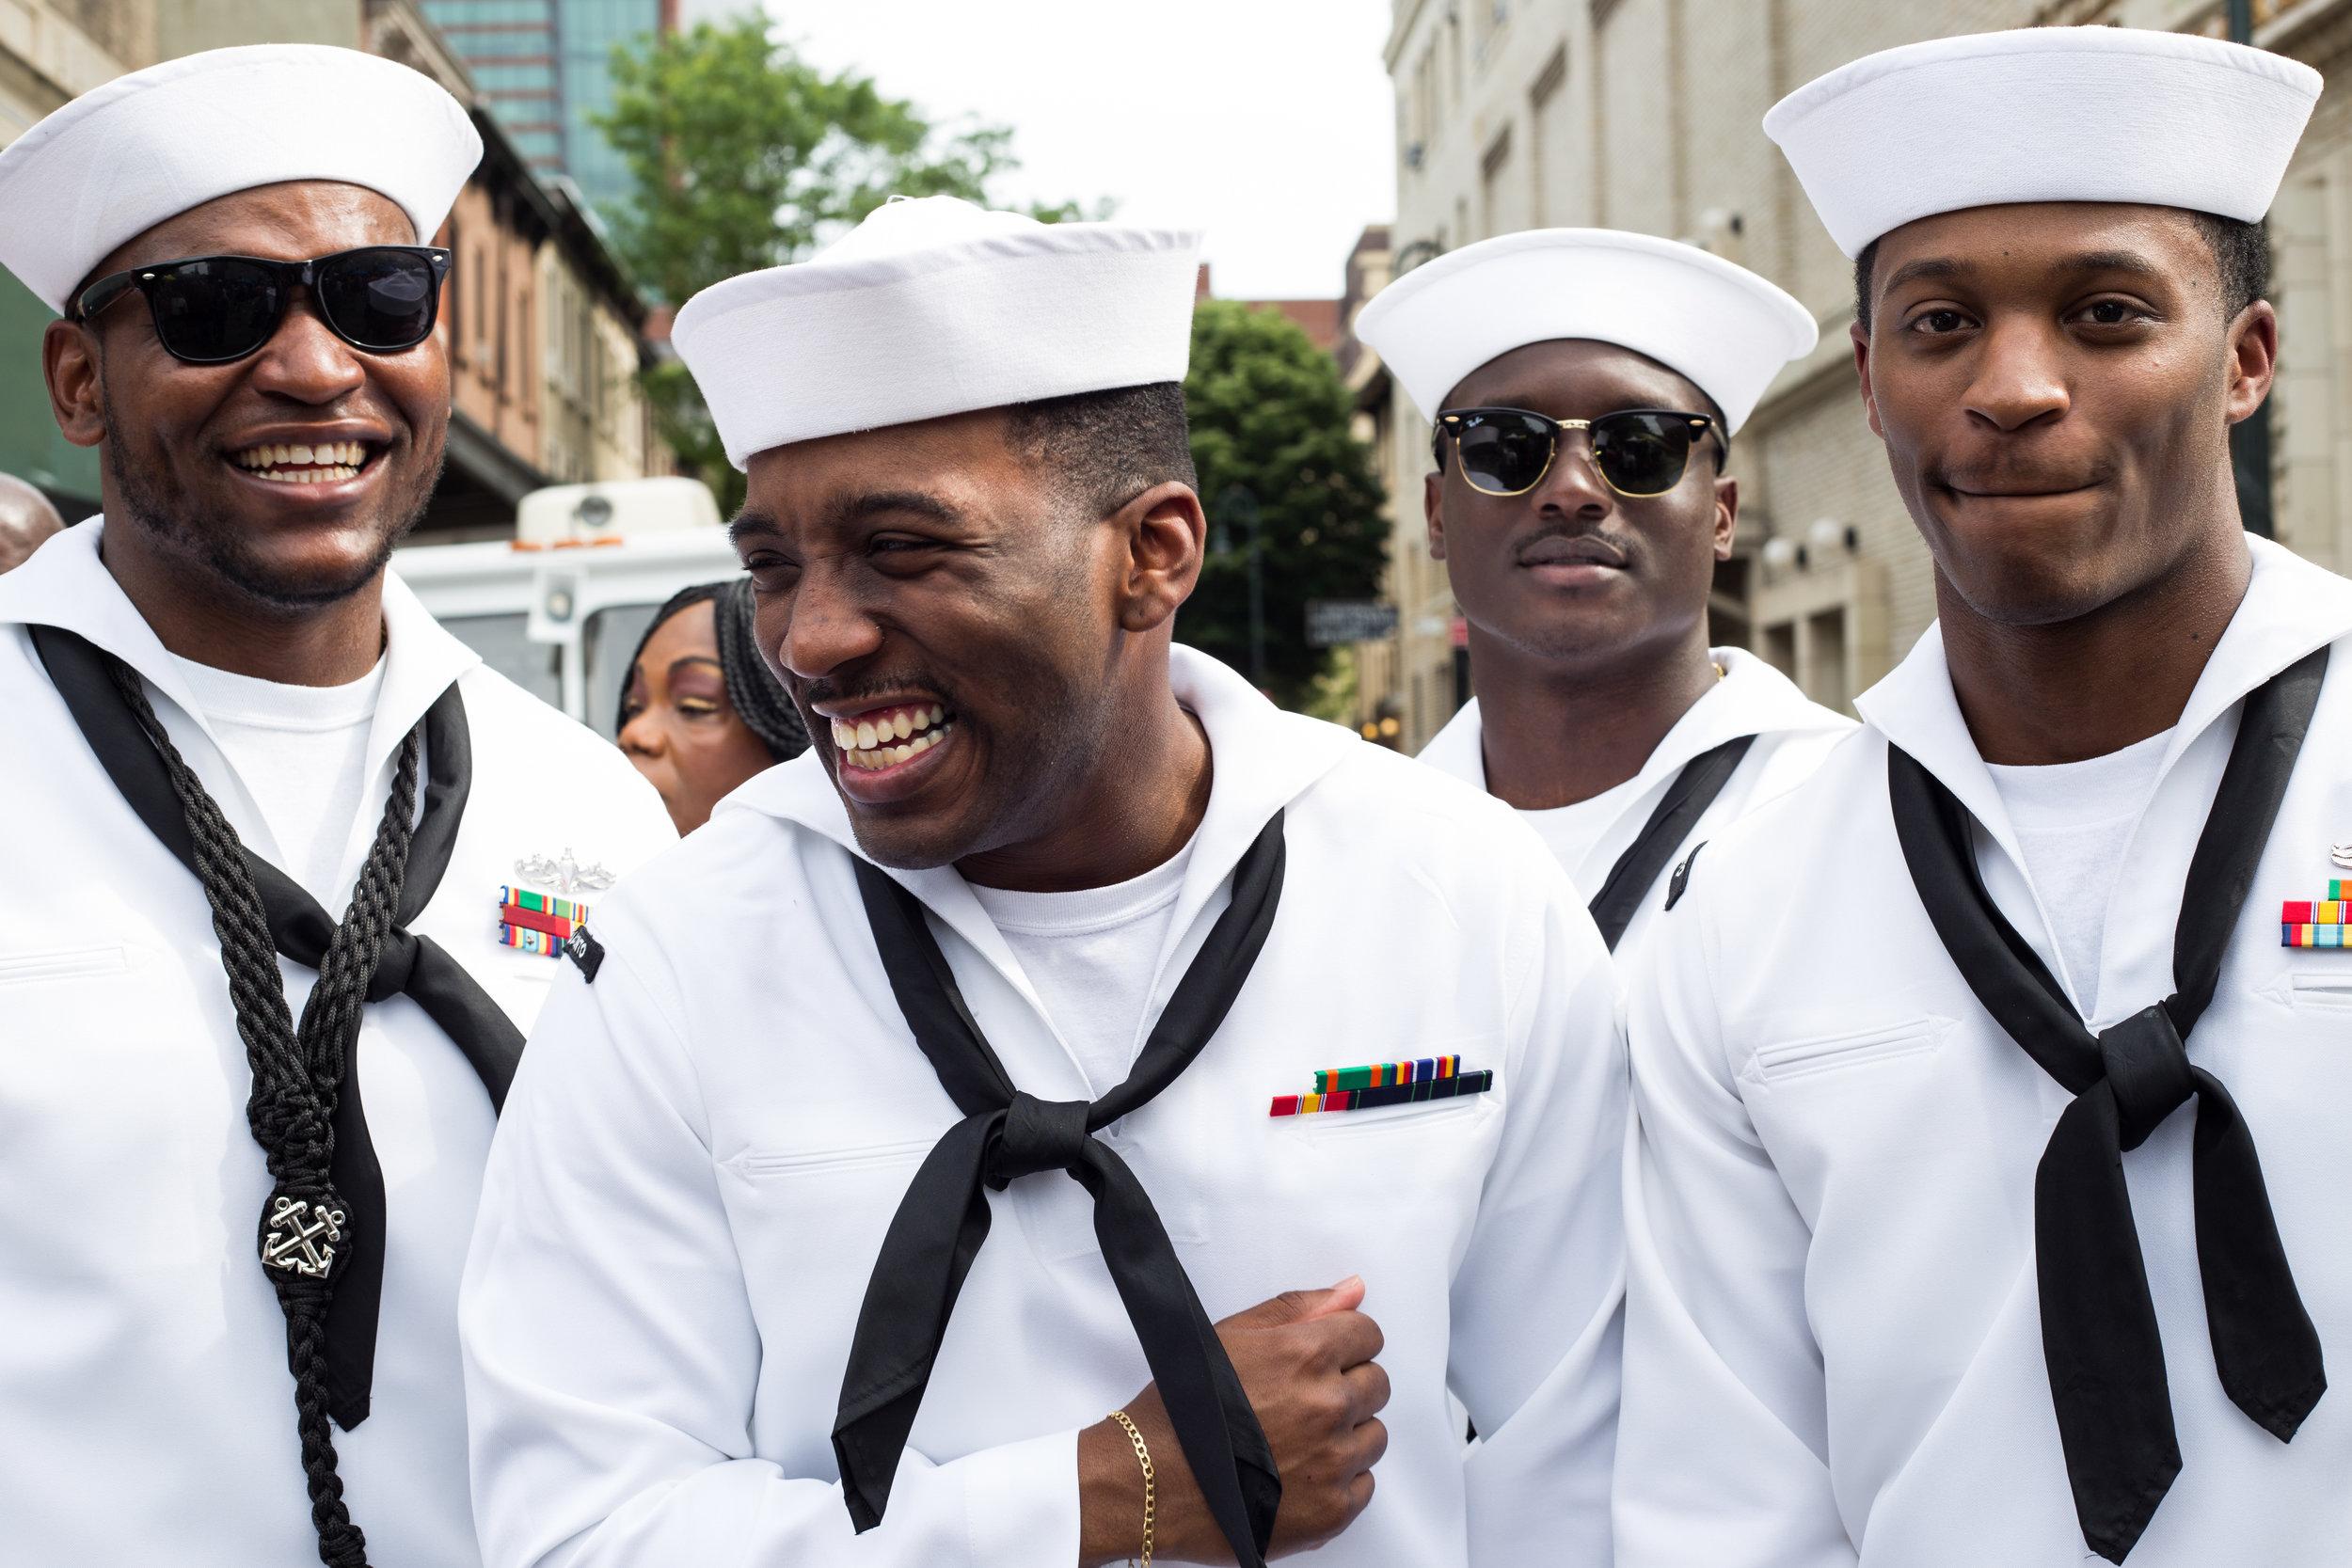 S Meyers Navy Men in BK.jpg